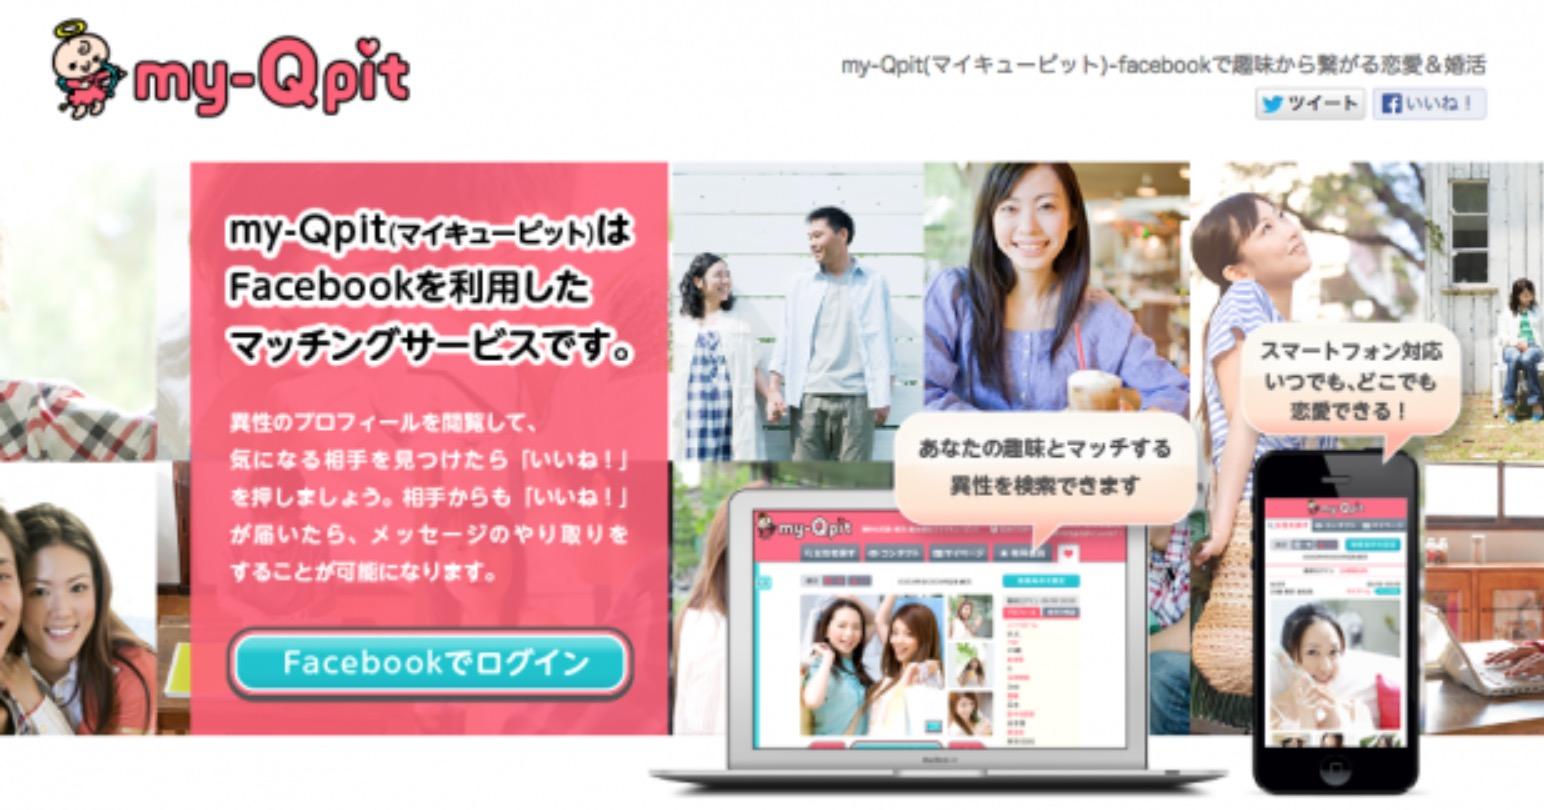 My-Qpit main page